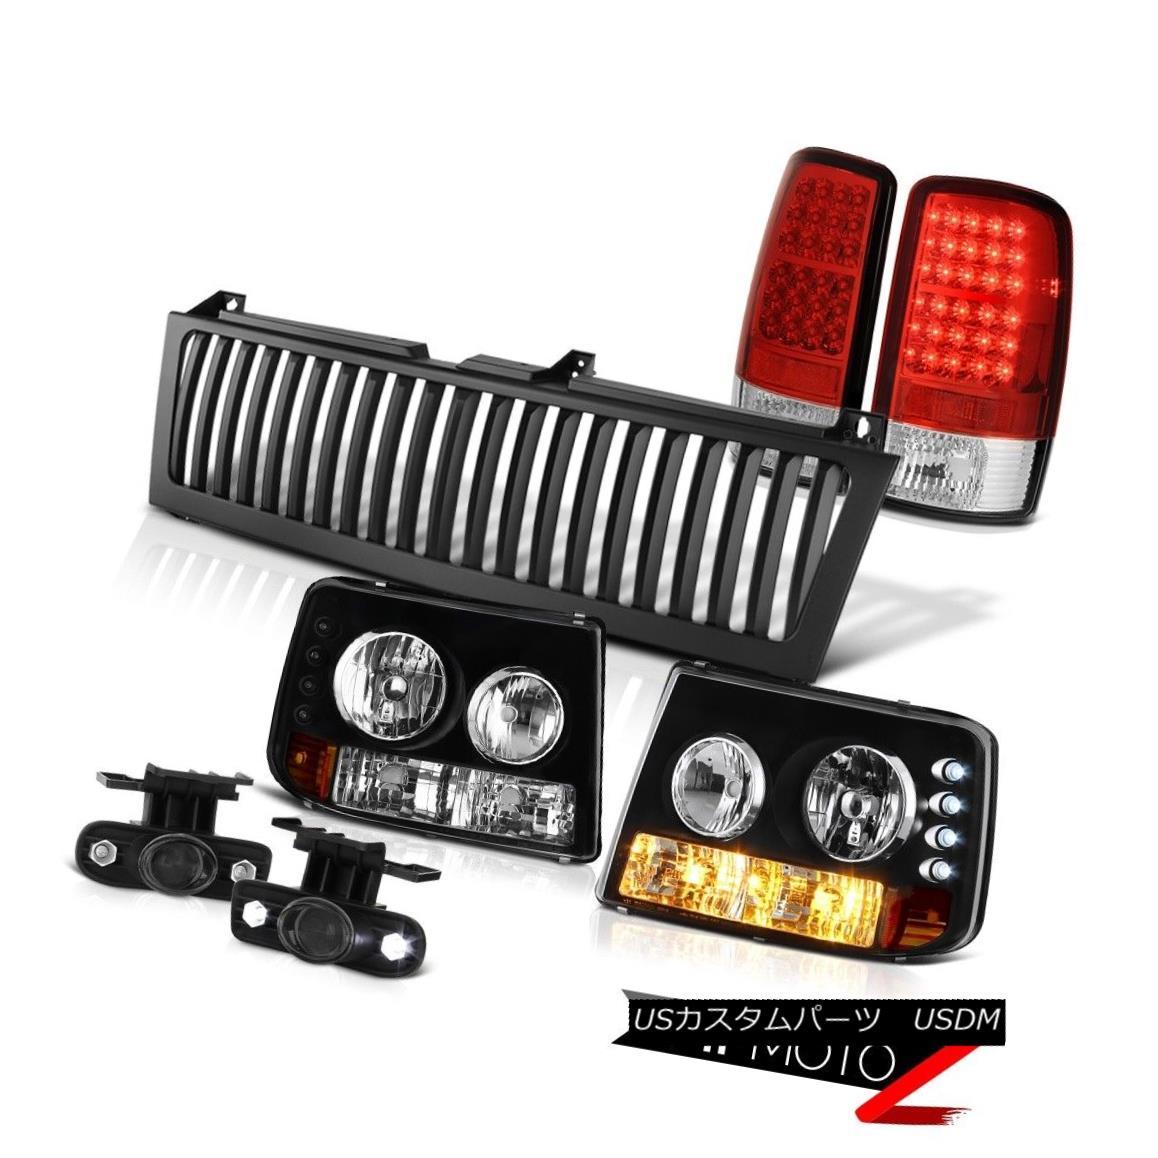 テールライト 00-06 Suburban 5.7L Parking Headlamps LED Brake Light Projector Fog Black Grille 00-06郊外5.7LパーキングヘッドランプLEDブレーキライトプロジェクターフォグブラックグリル